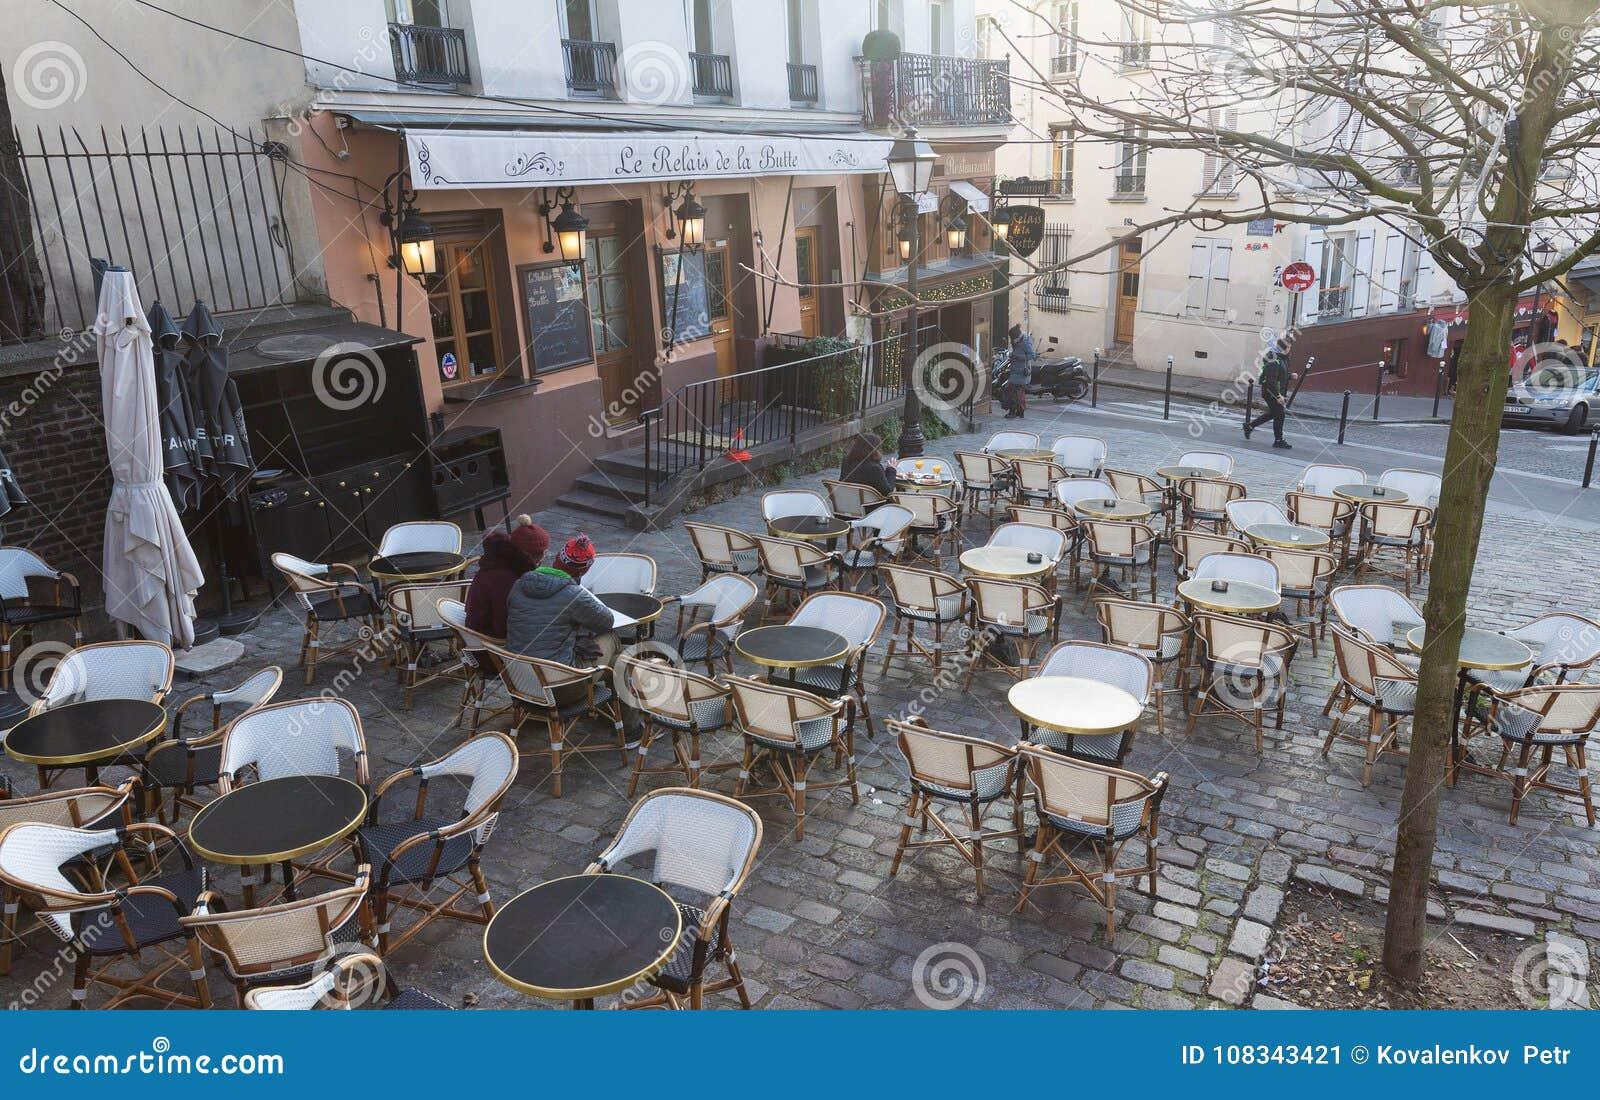 Hotel De La Butte the relais de la butte is historical restaurant located in